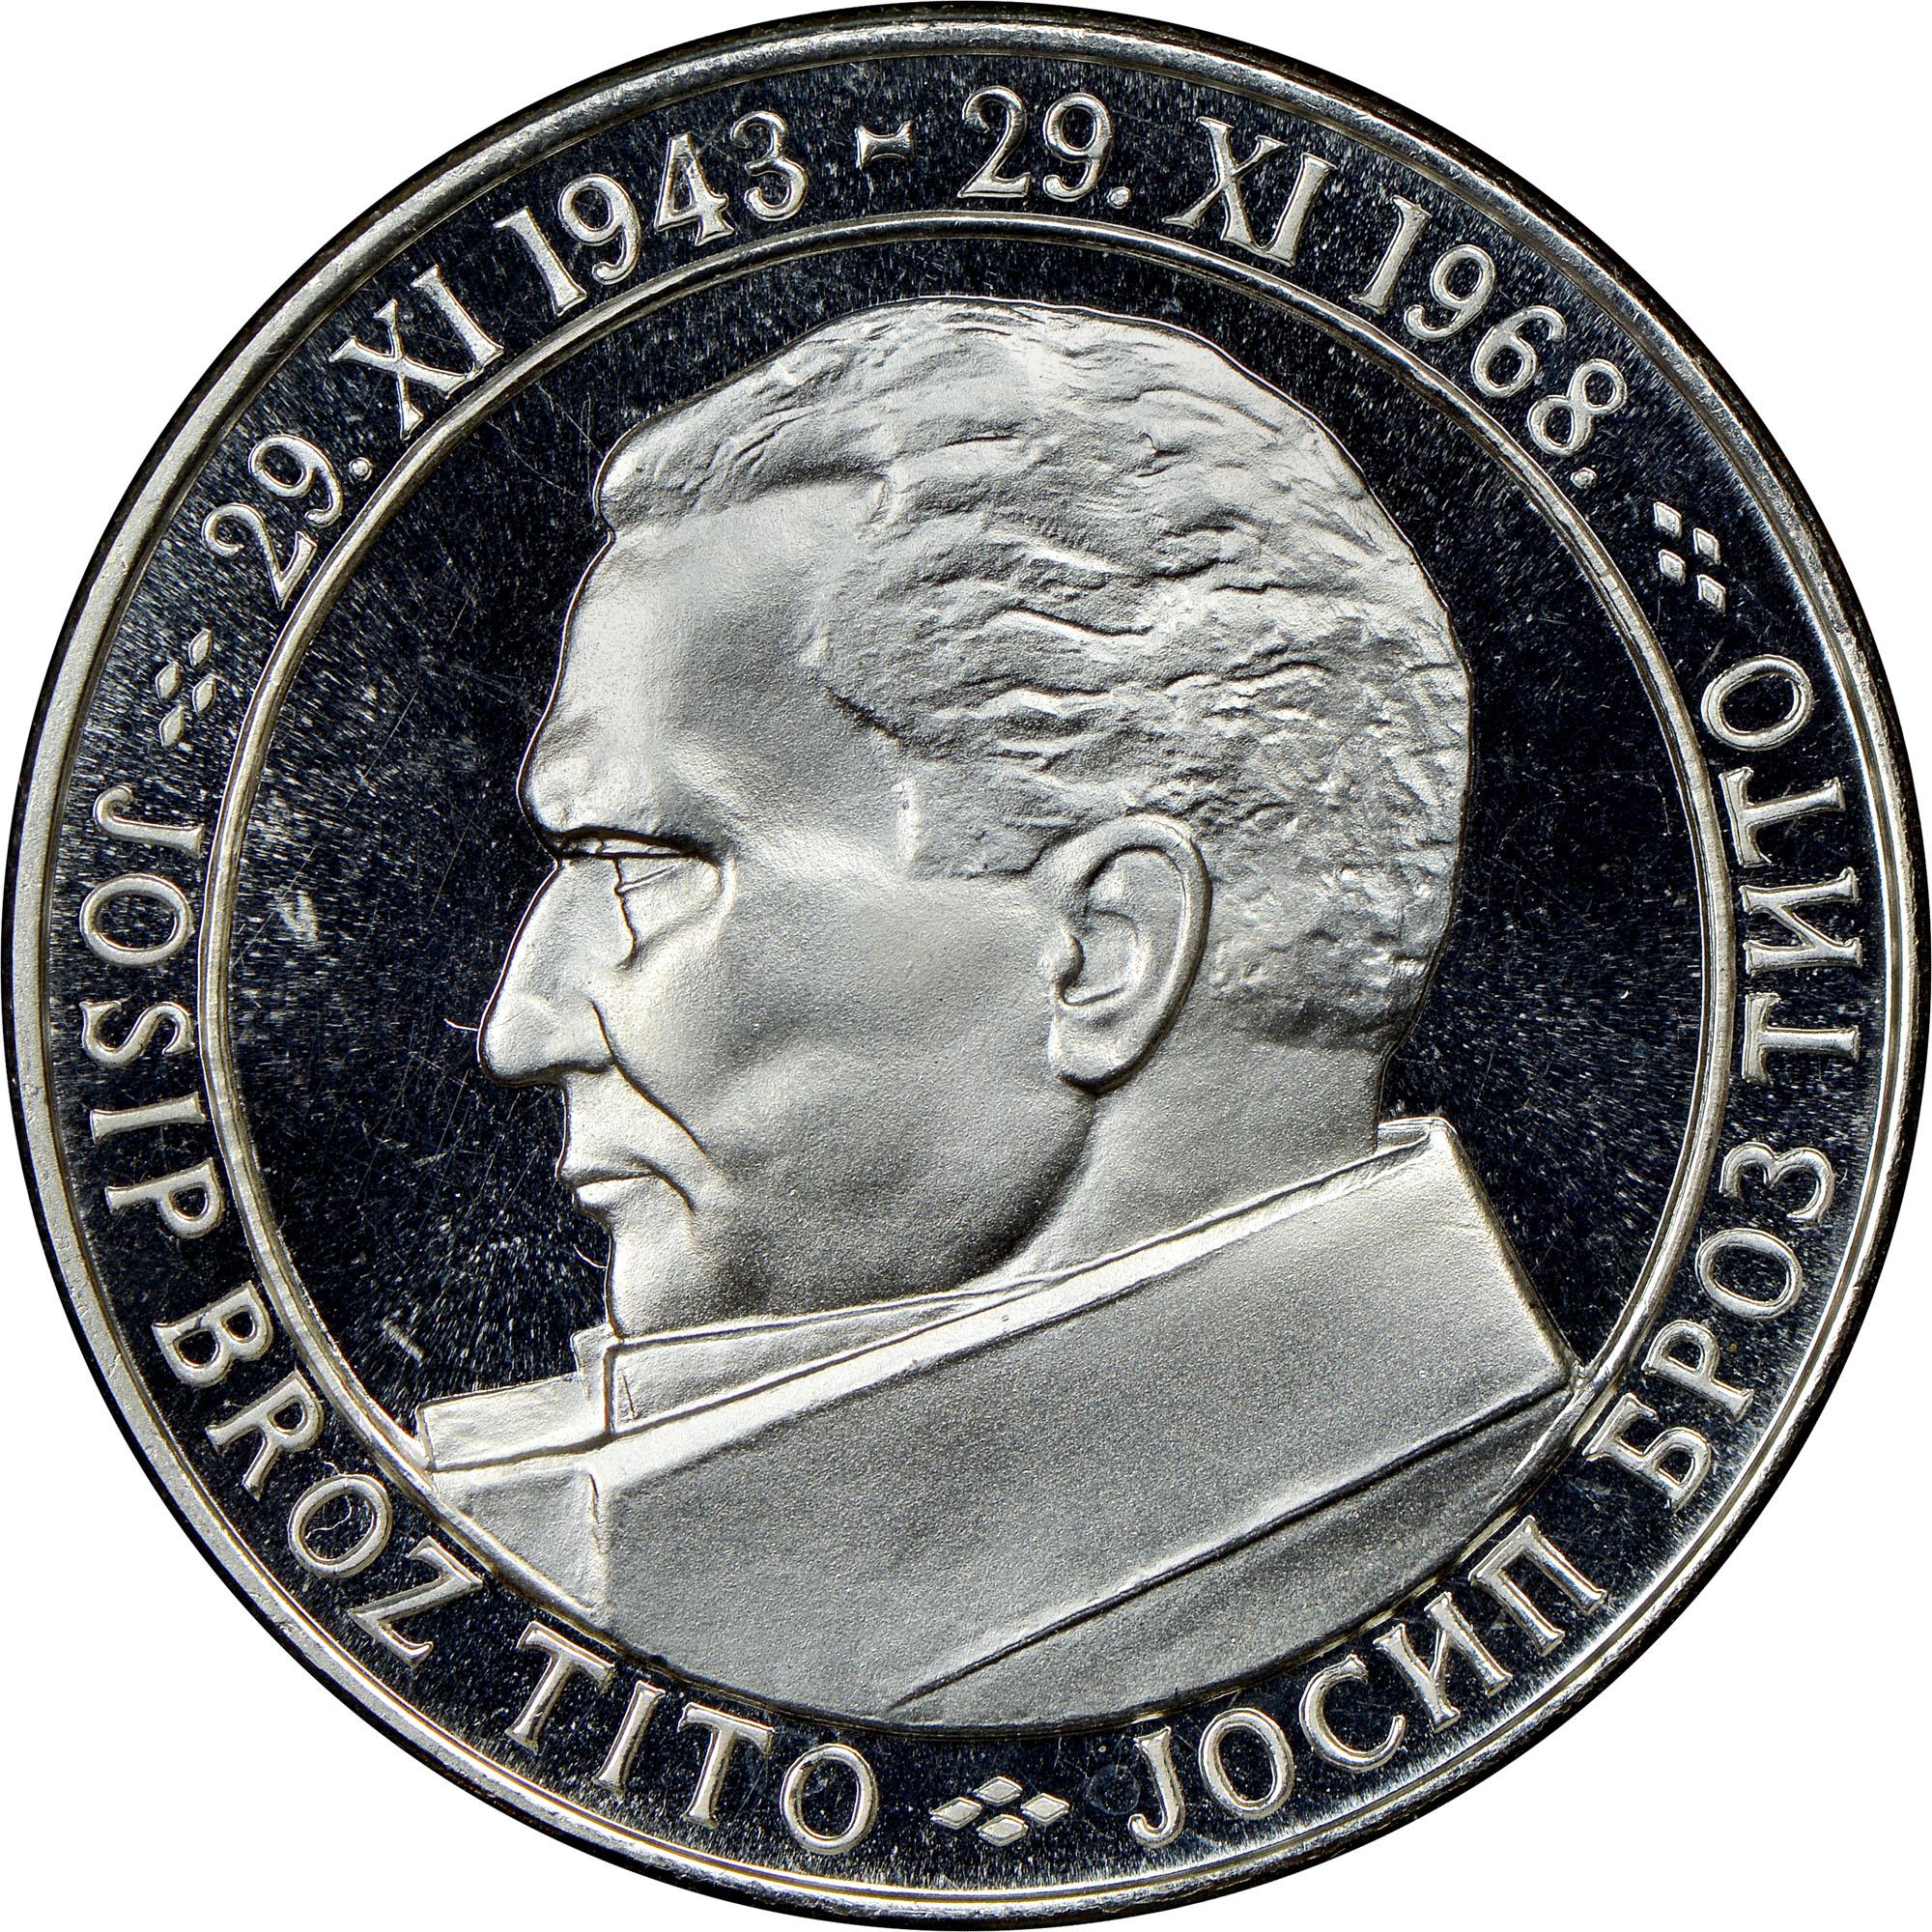 Yugoslavia 50 Dinara reverse